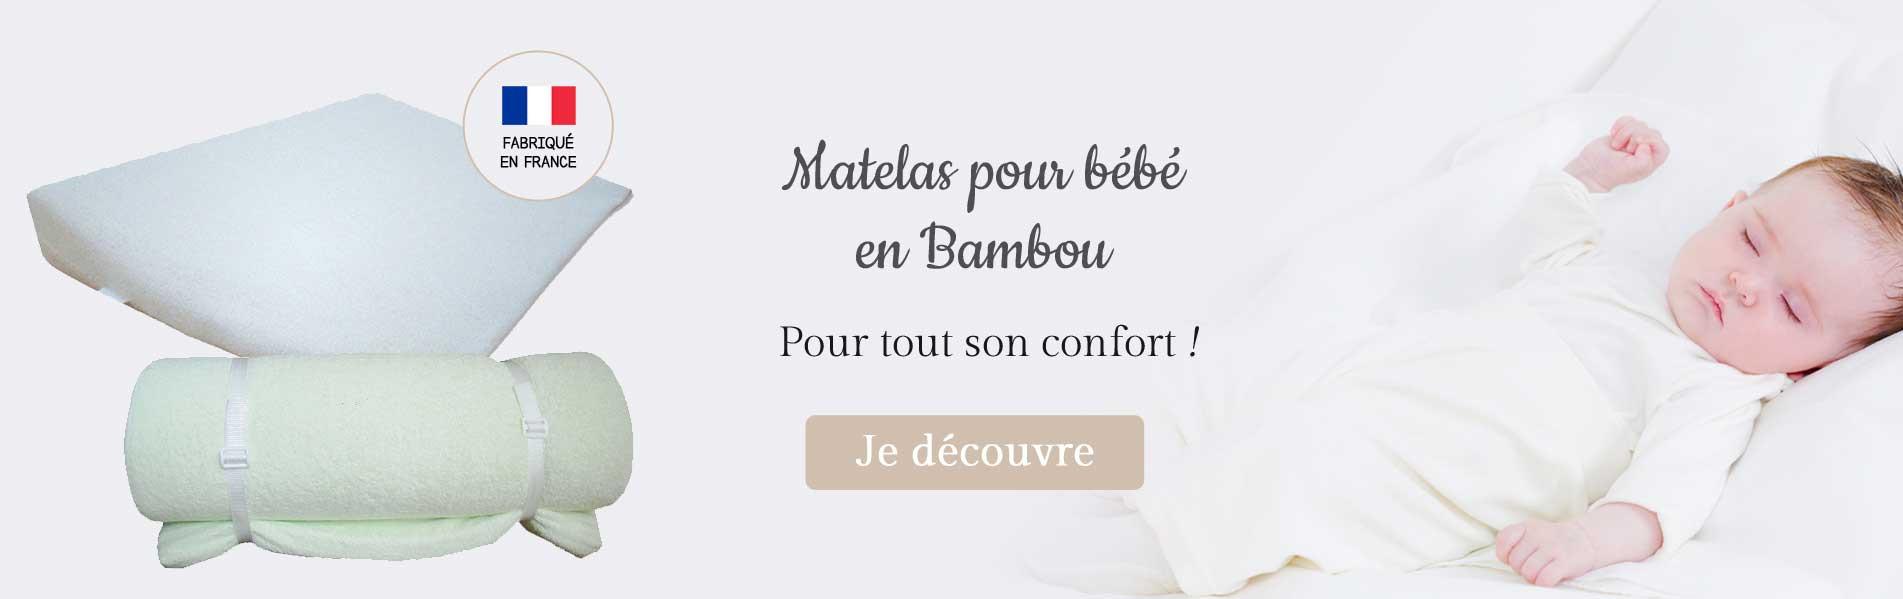 matelas pour bébé